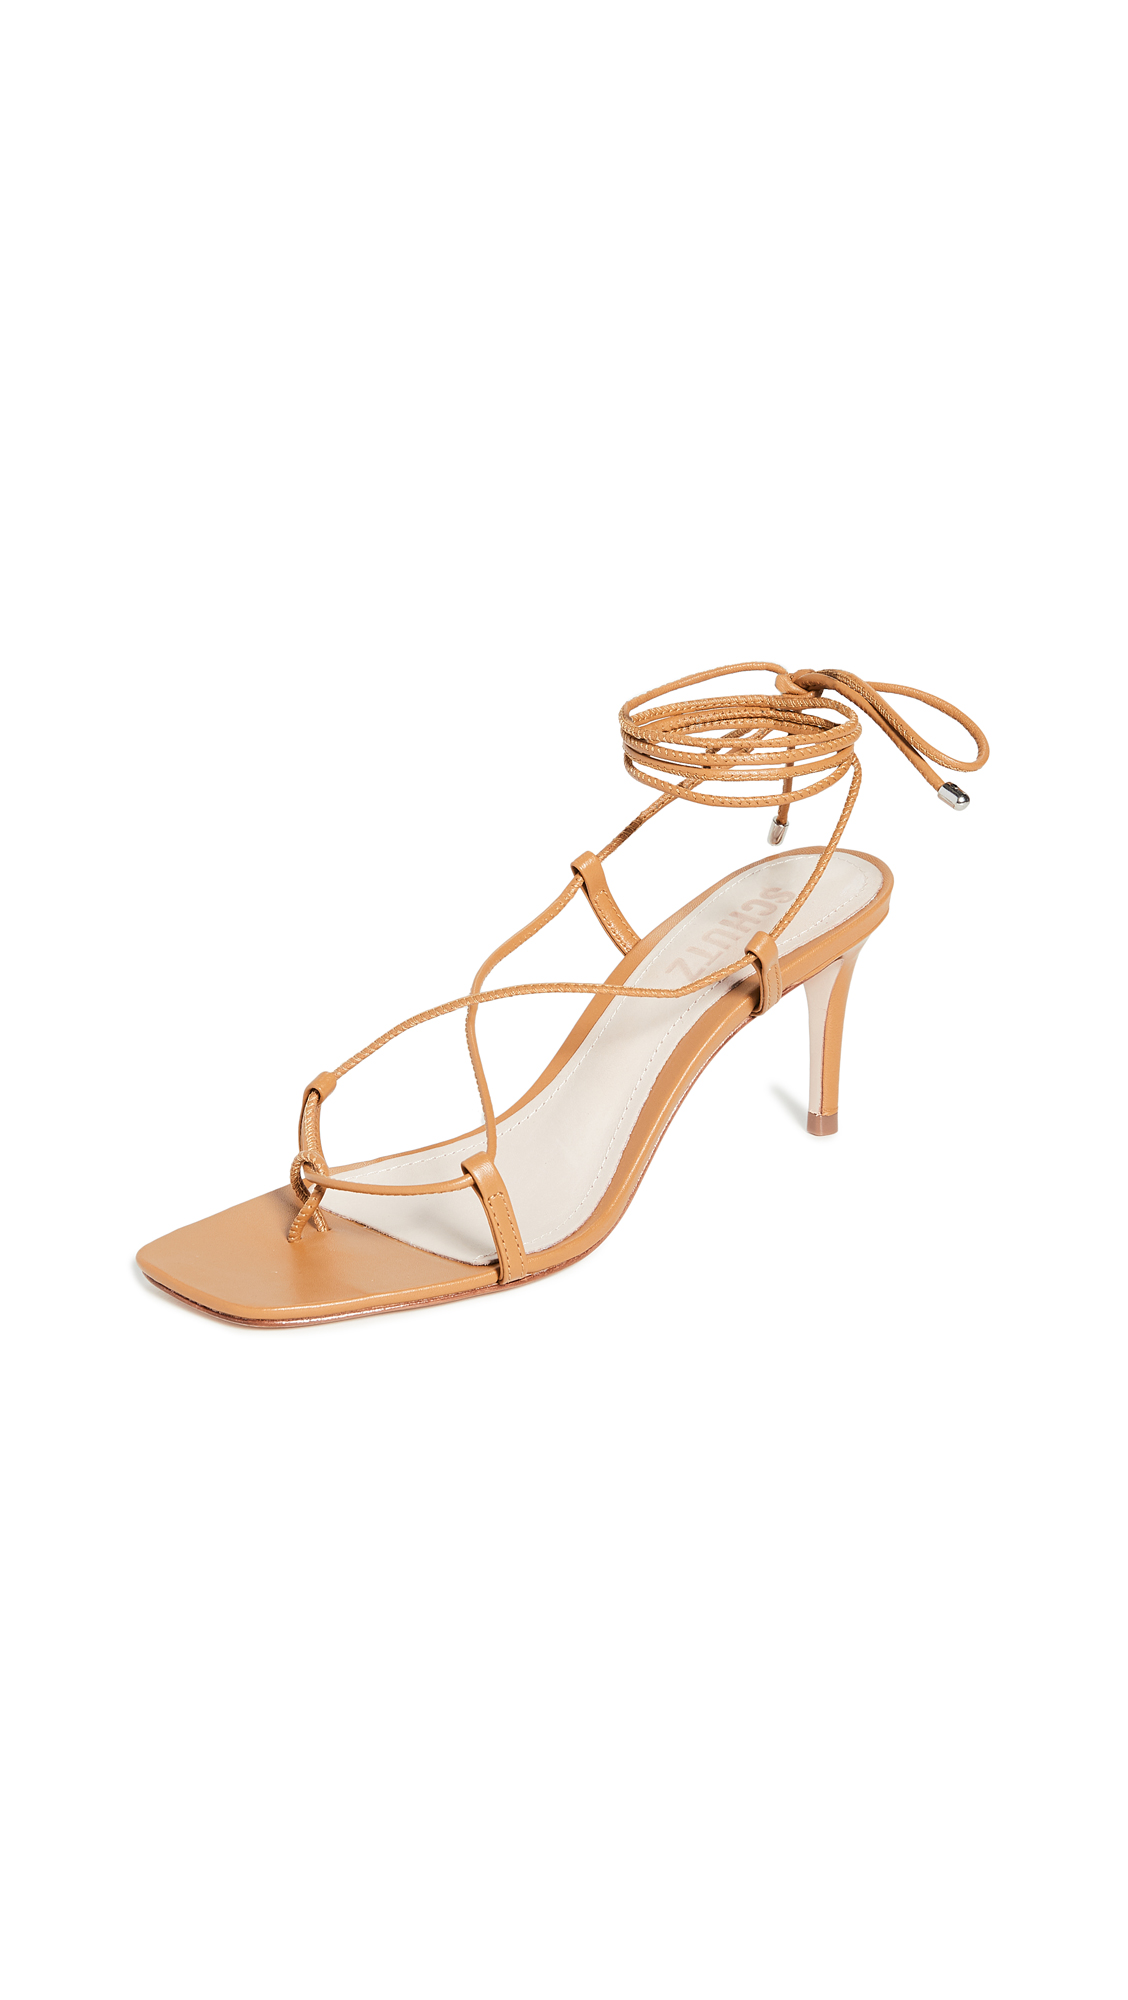 Buy Schutz Antosha Sandals online, shop Schutz